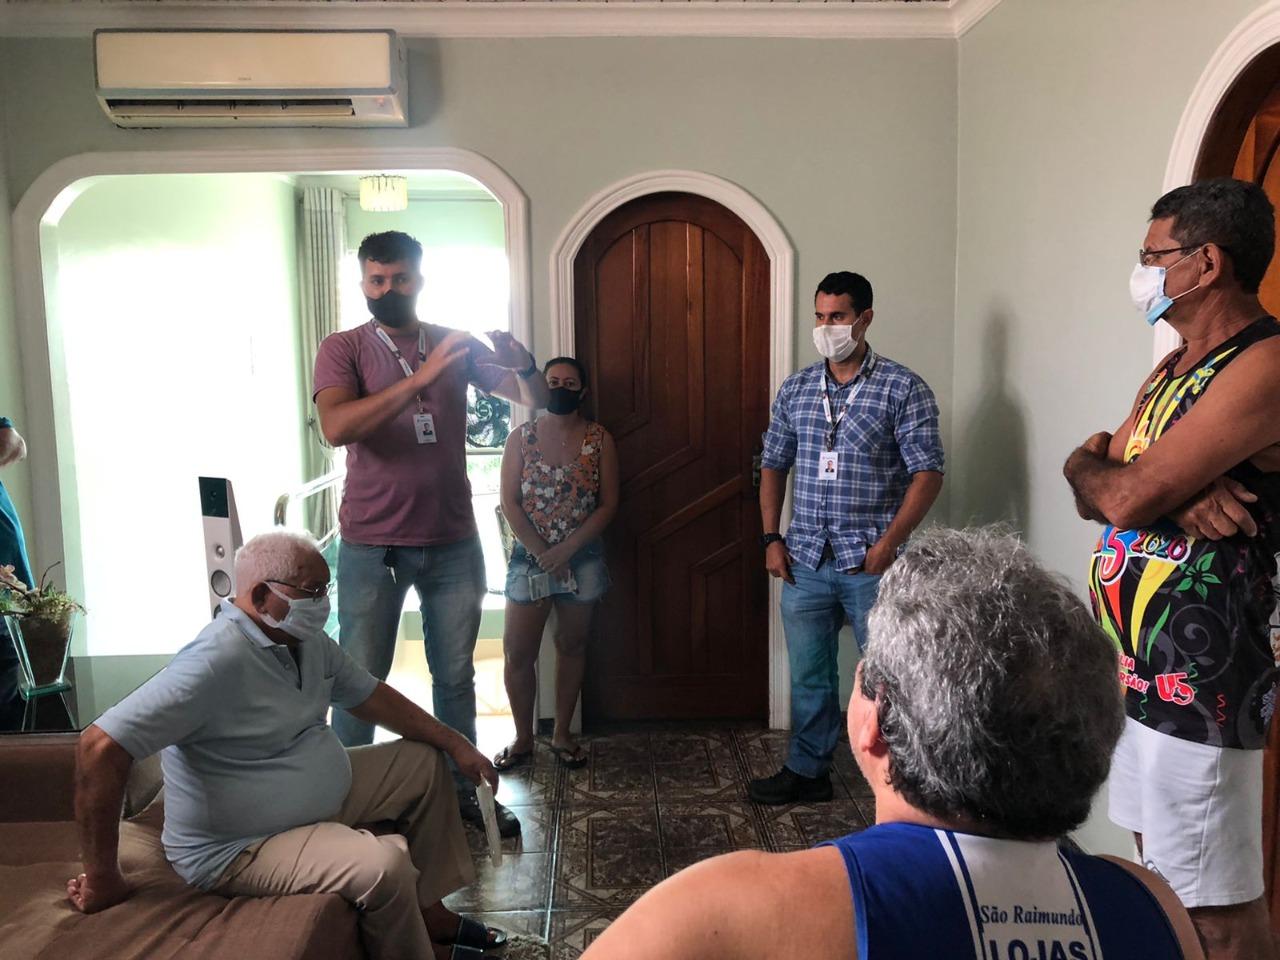 Ageman adverte Águas de Manaus por falta de transparência na cobrança da taxa de esgoto no Prosamim III